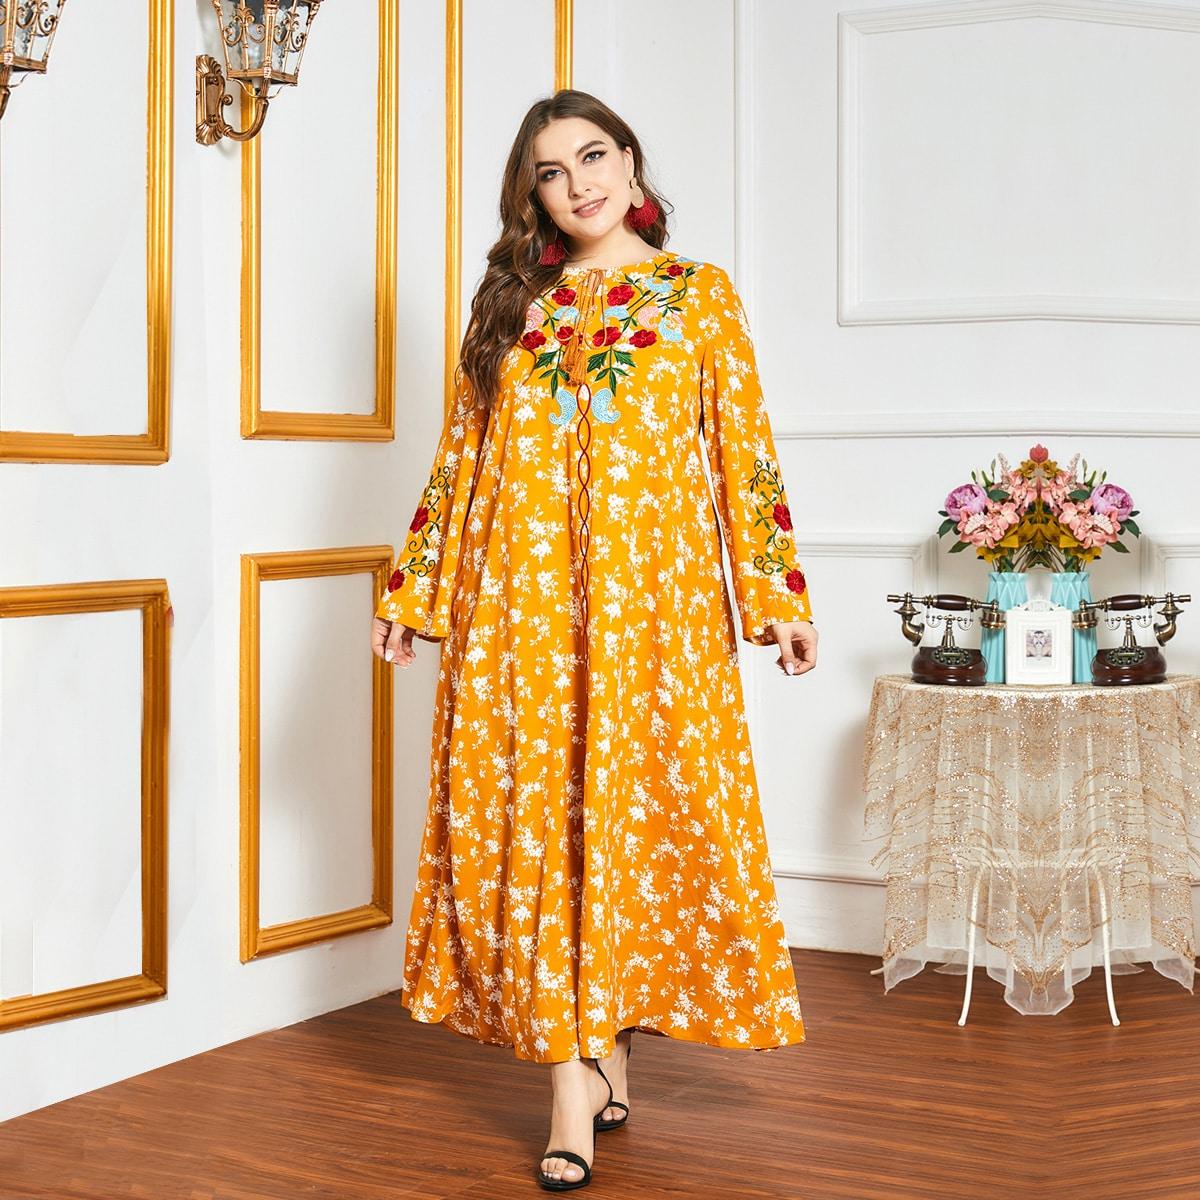 SHEIN / Kleid mit Blumen, Paisley Stickereien und Halsband